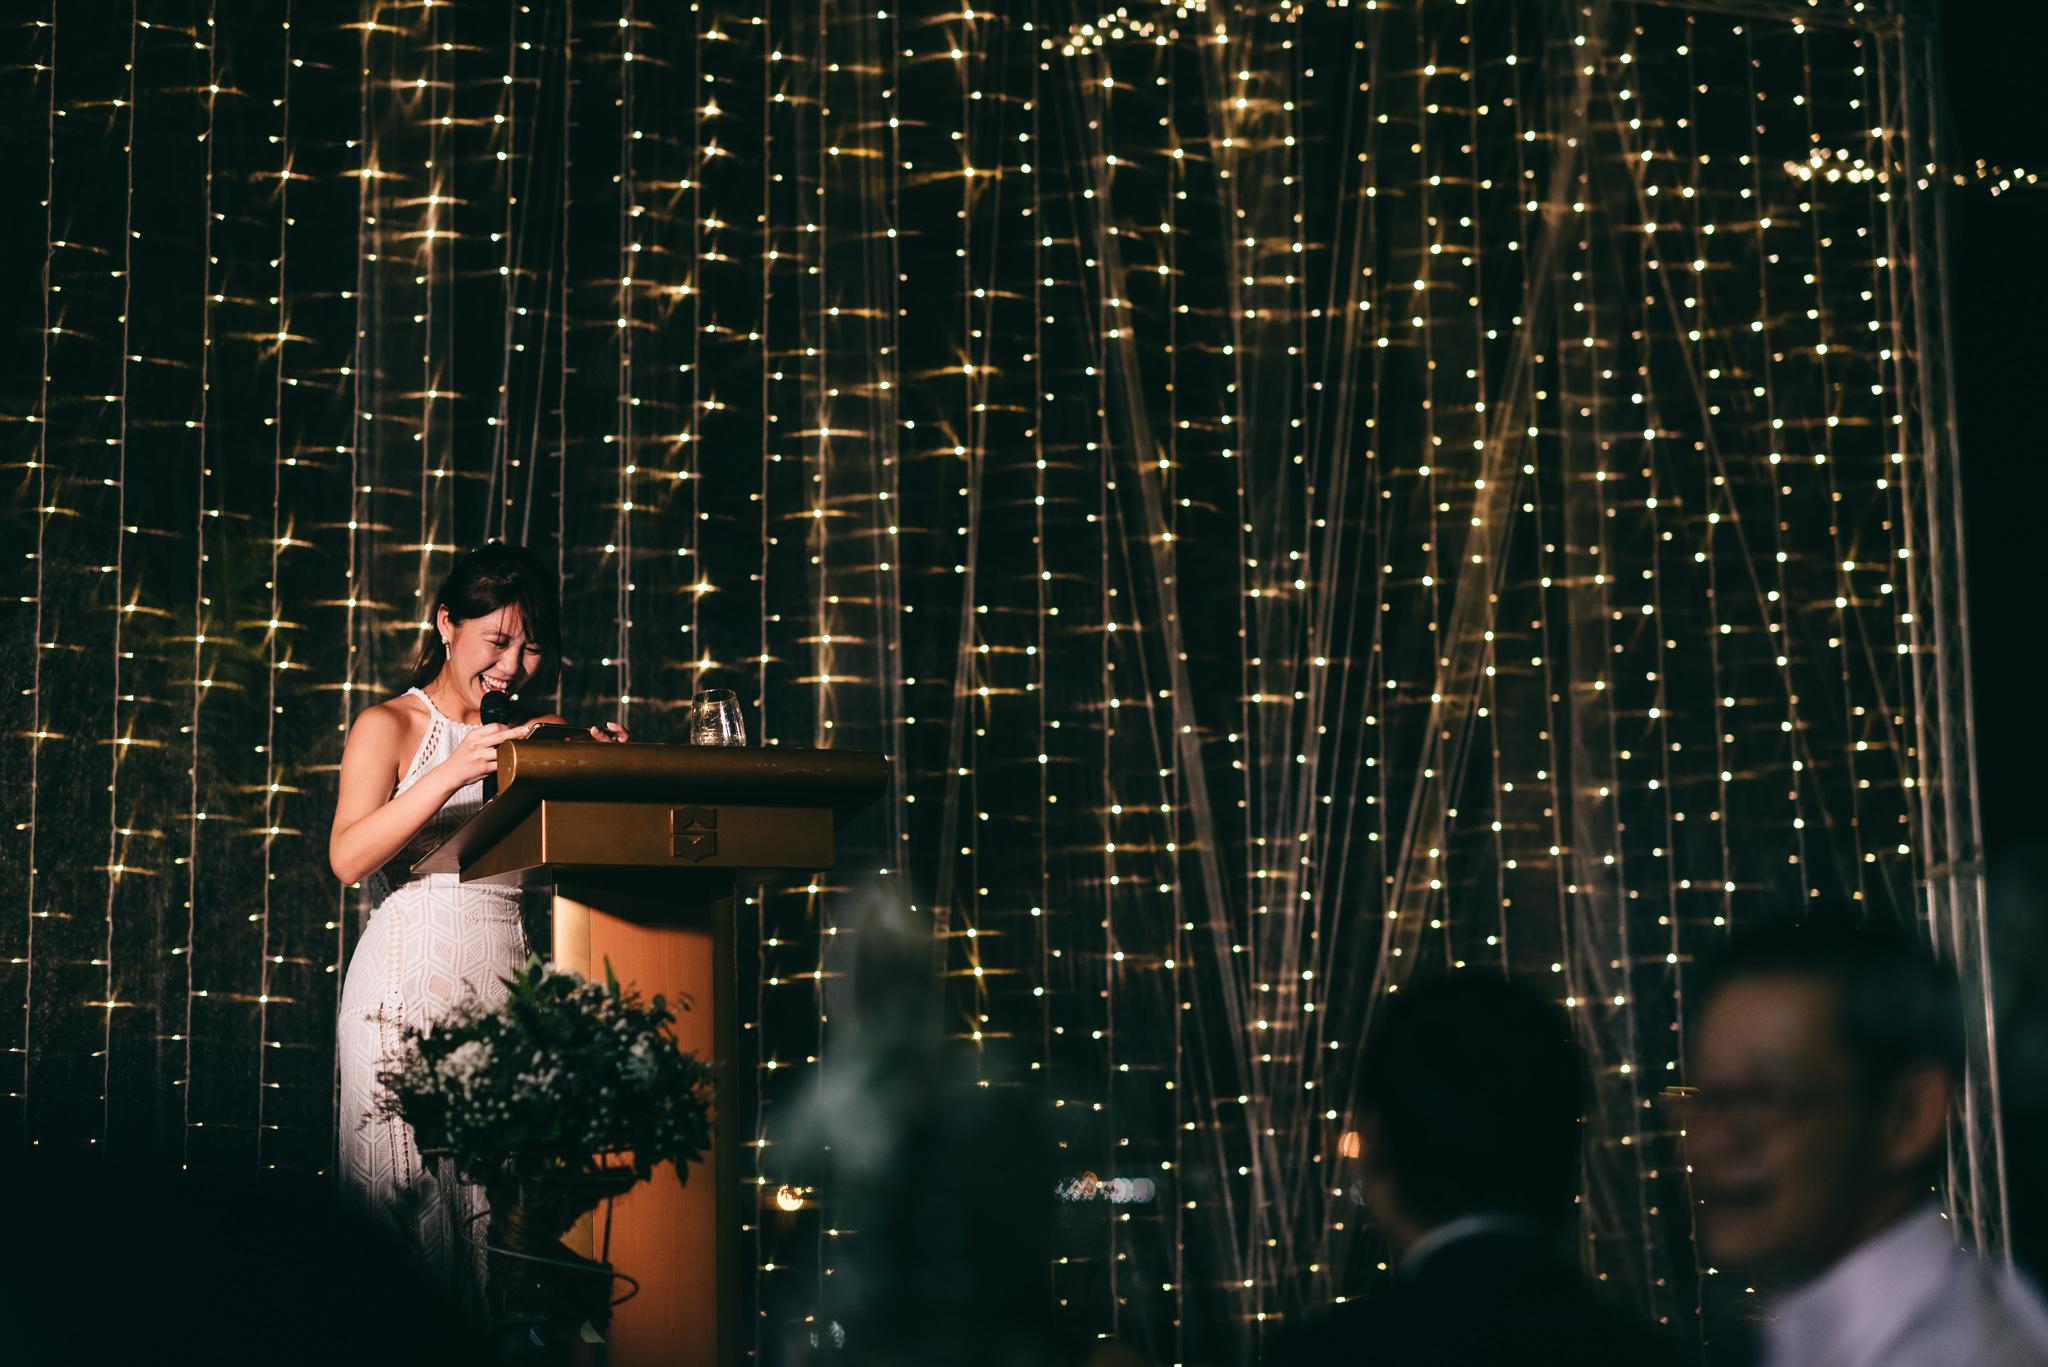 Lionel & Karen Wedding Day Highlights (resized for sharing) - 191.jpg